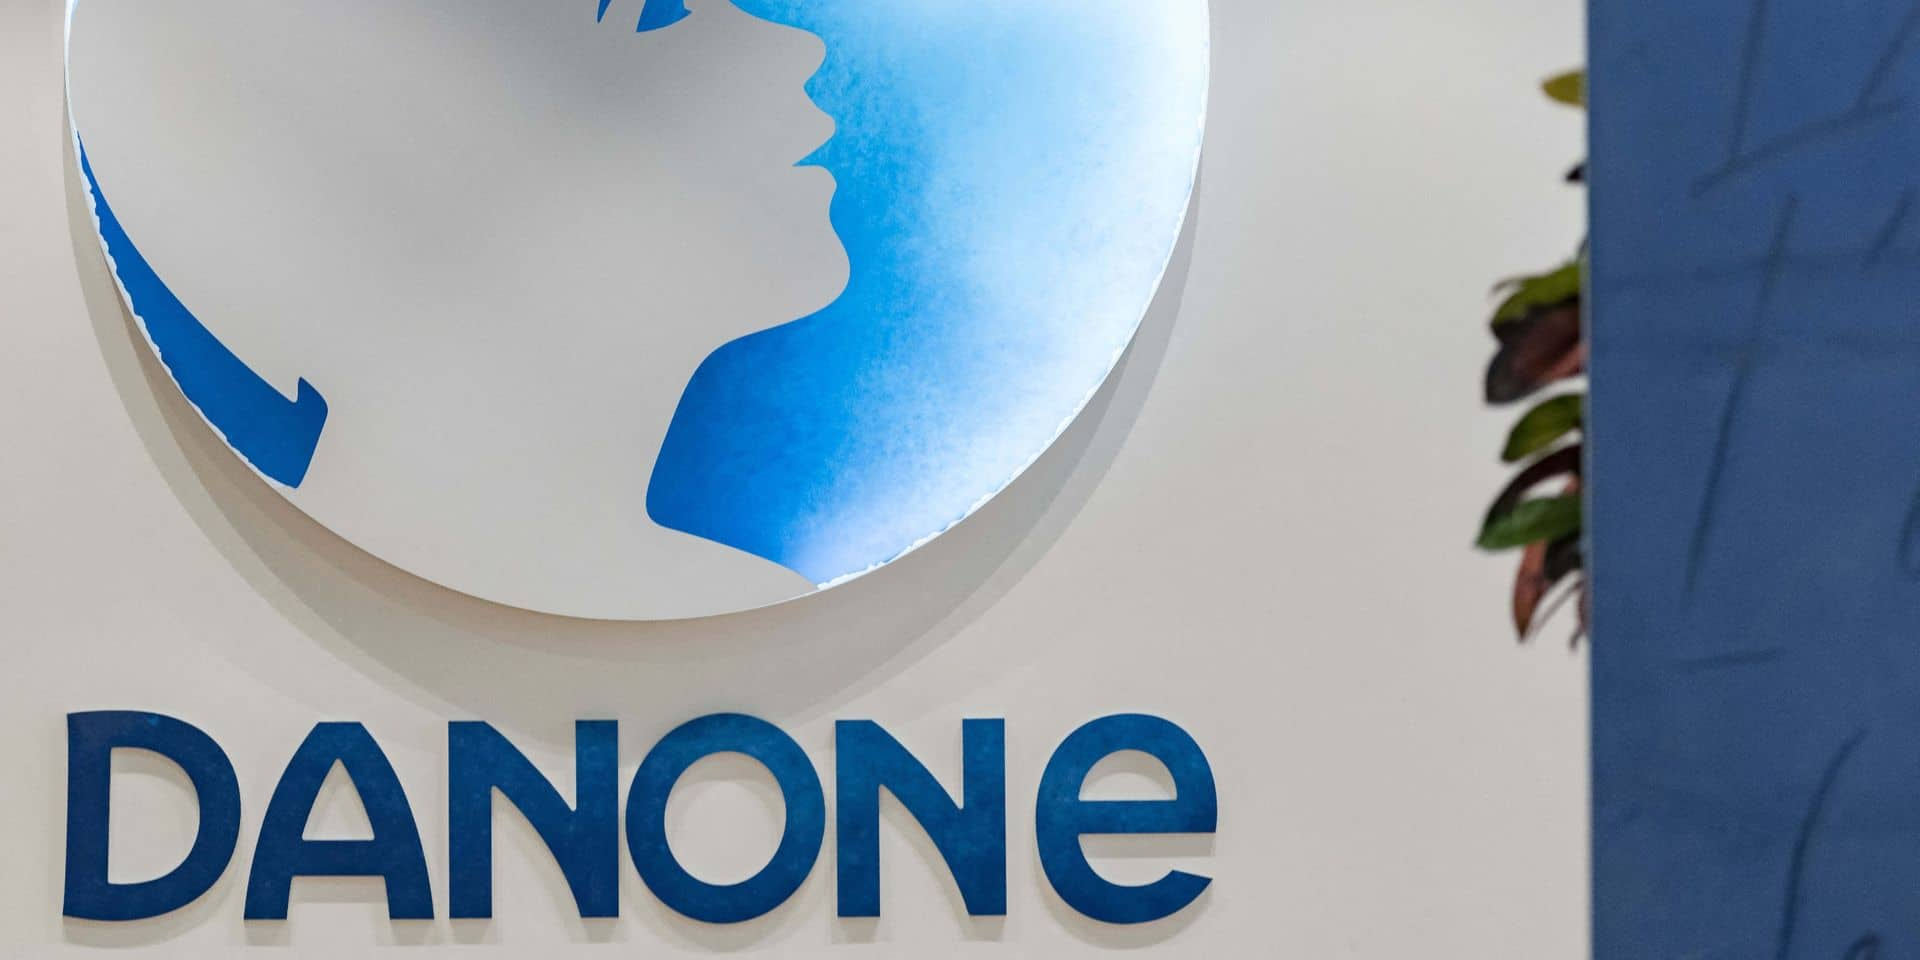 120 emplois menacés chez Danone Belgique